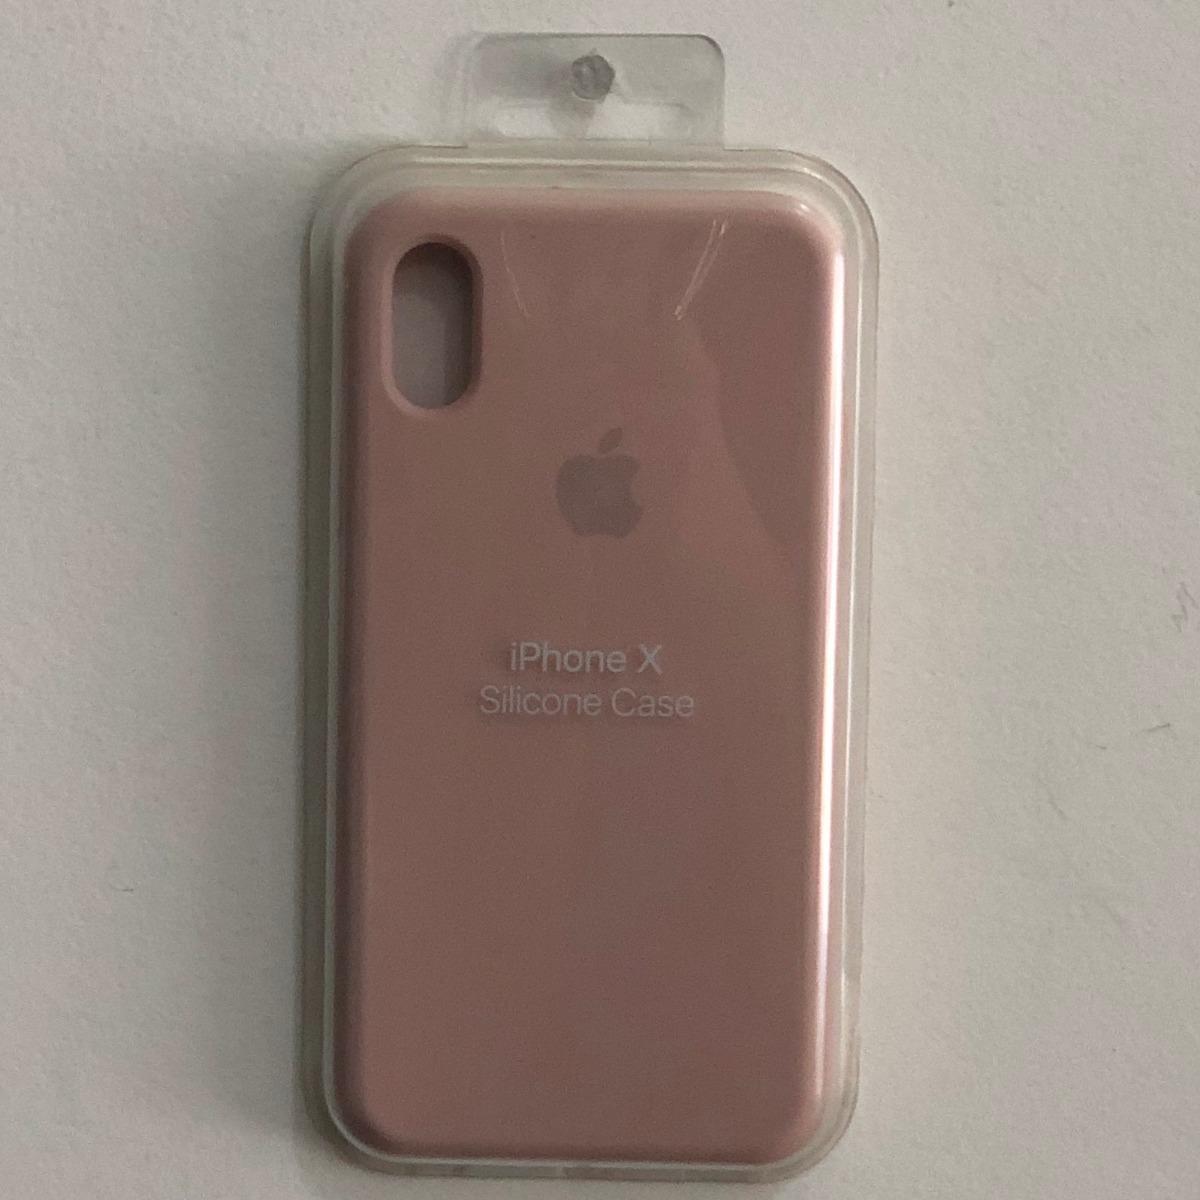 Capinha Apple Original Iphone X (17 Cores Disponiveis) - R  39,99 em ... 01ba03a989